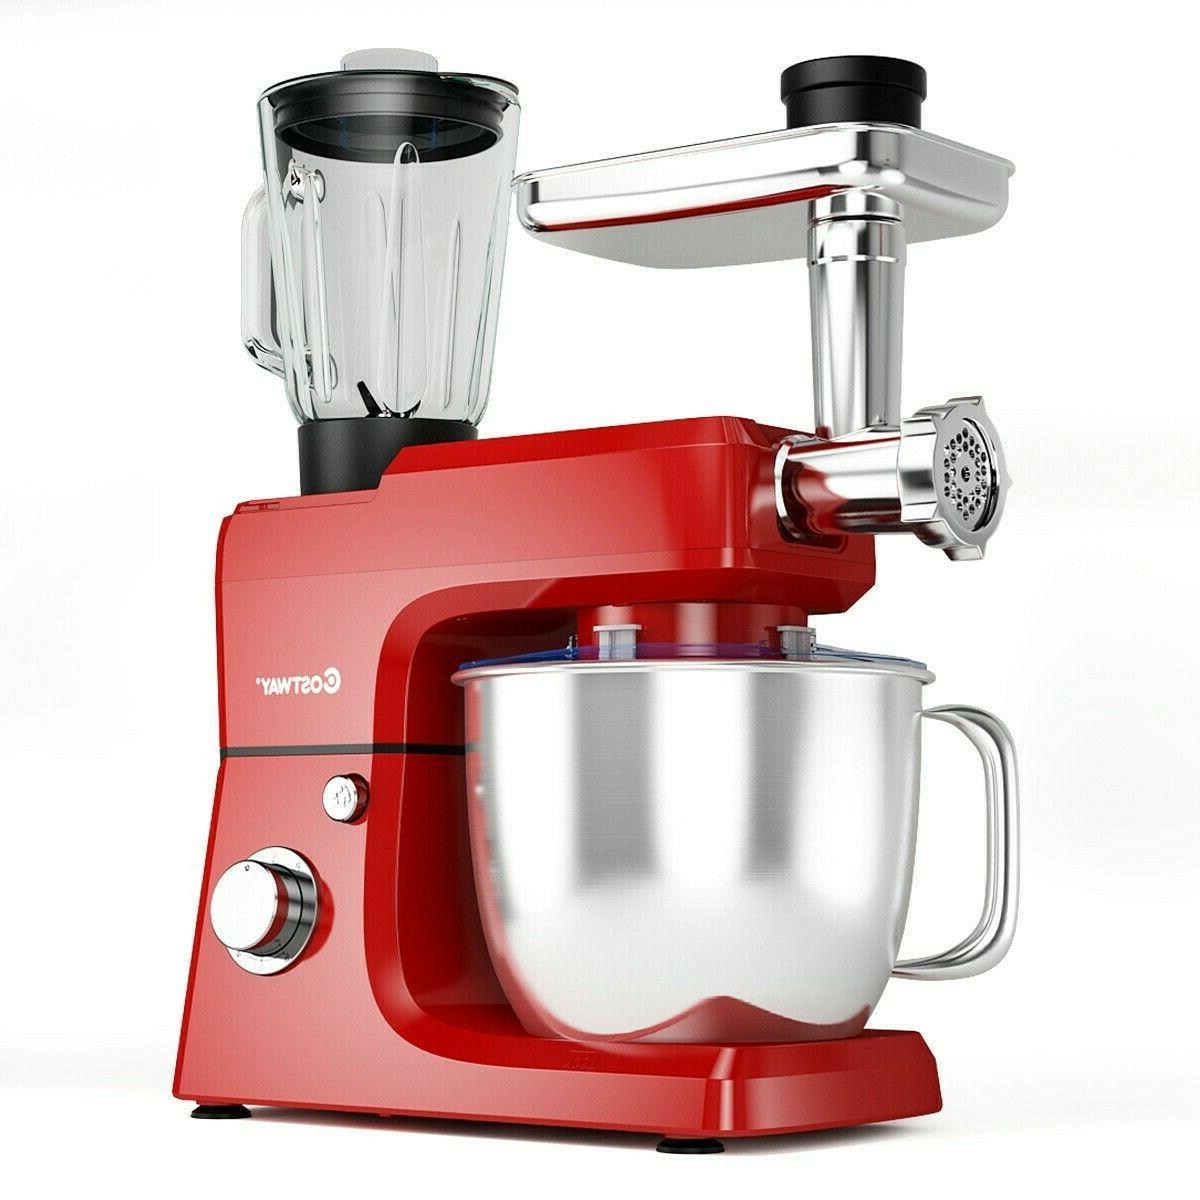 new 3 in1 kitchen food mixer machine